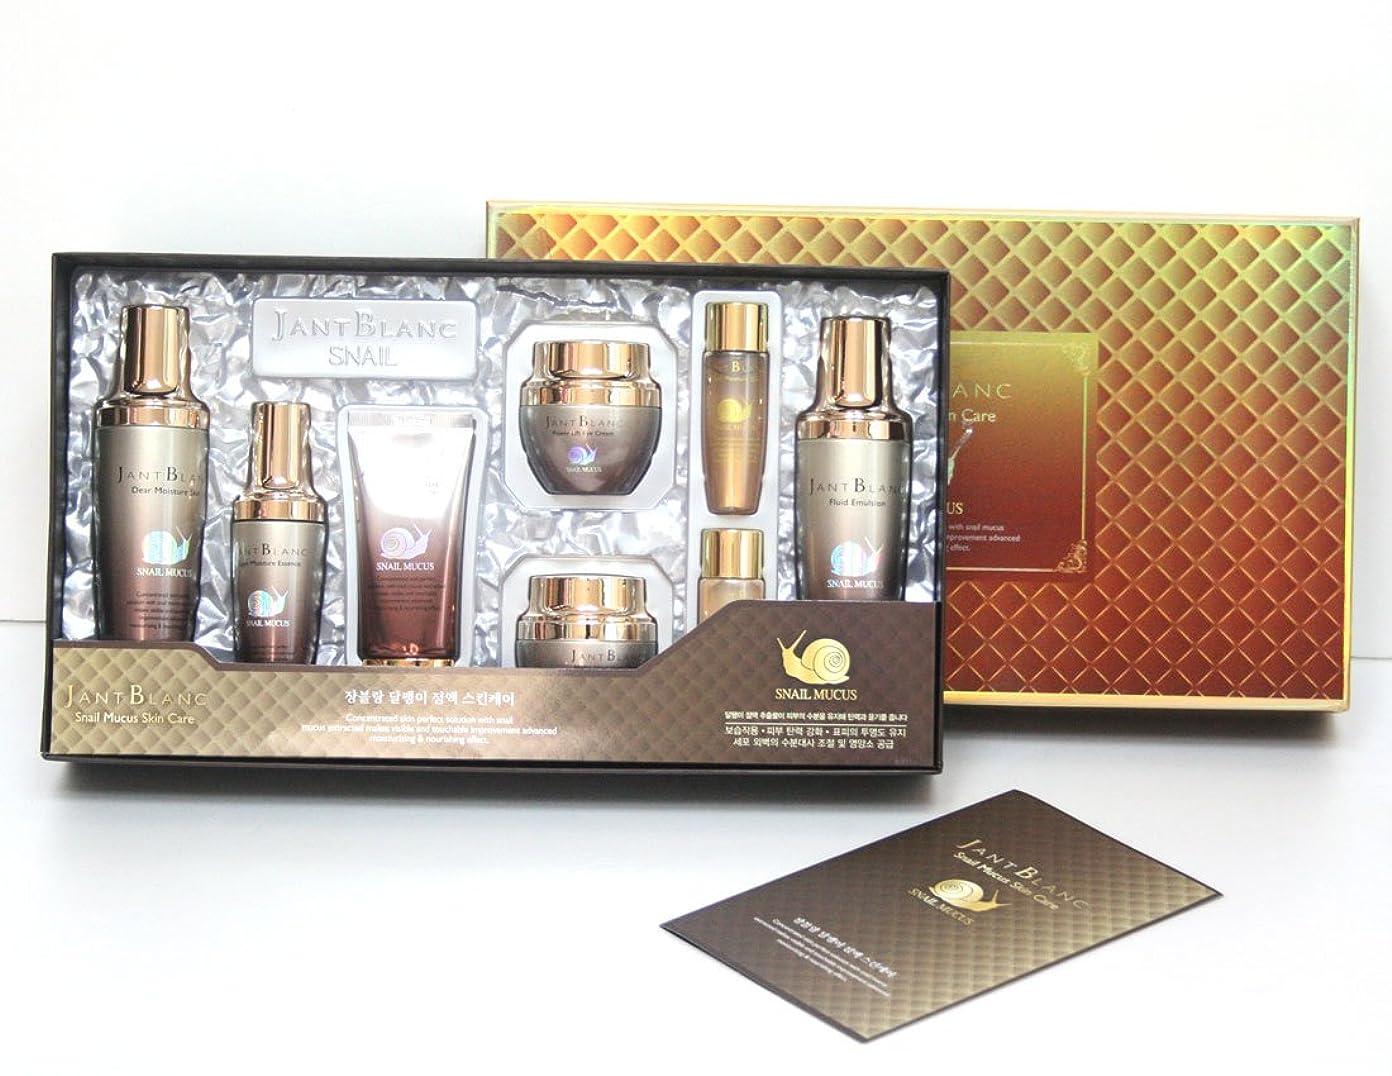 予知フレットジャングル【JANT BLANC] カタツムリ粘液スキンケア6項目セット/水分/ Snail Mucus Skin Care 6 Item Set / 韓国化粧品 / Korean Cosmetics [並行輸入品]